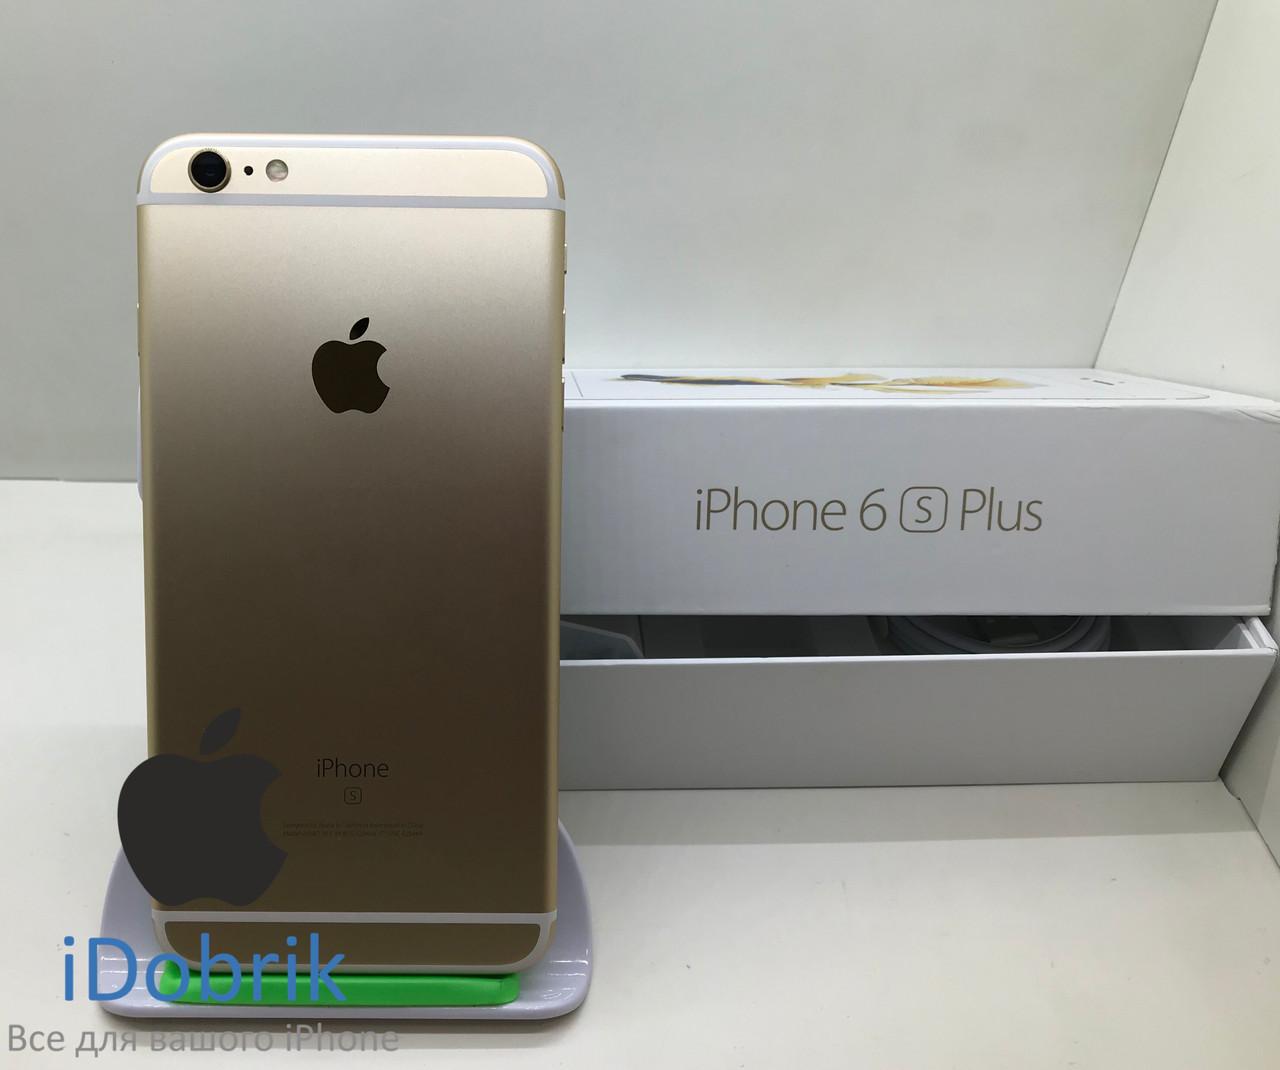 Б/У iPhone 6s Plus 16gb Gold Neverlock 9/10